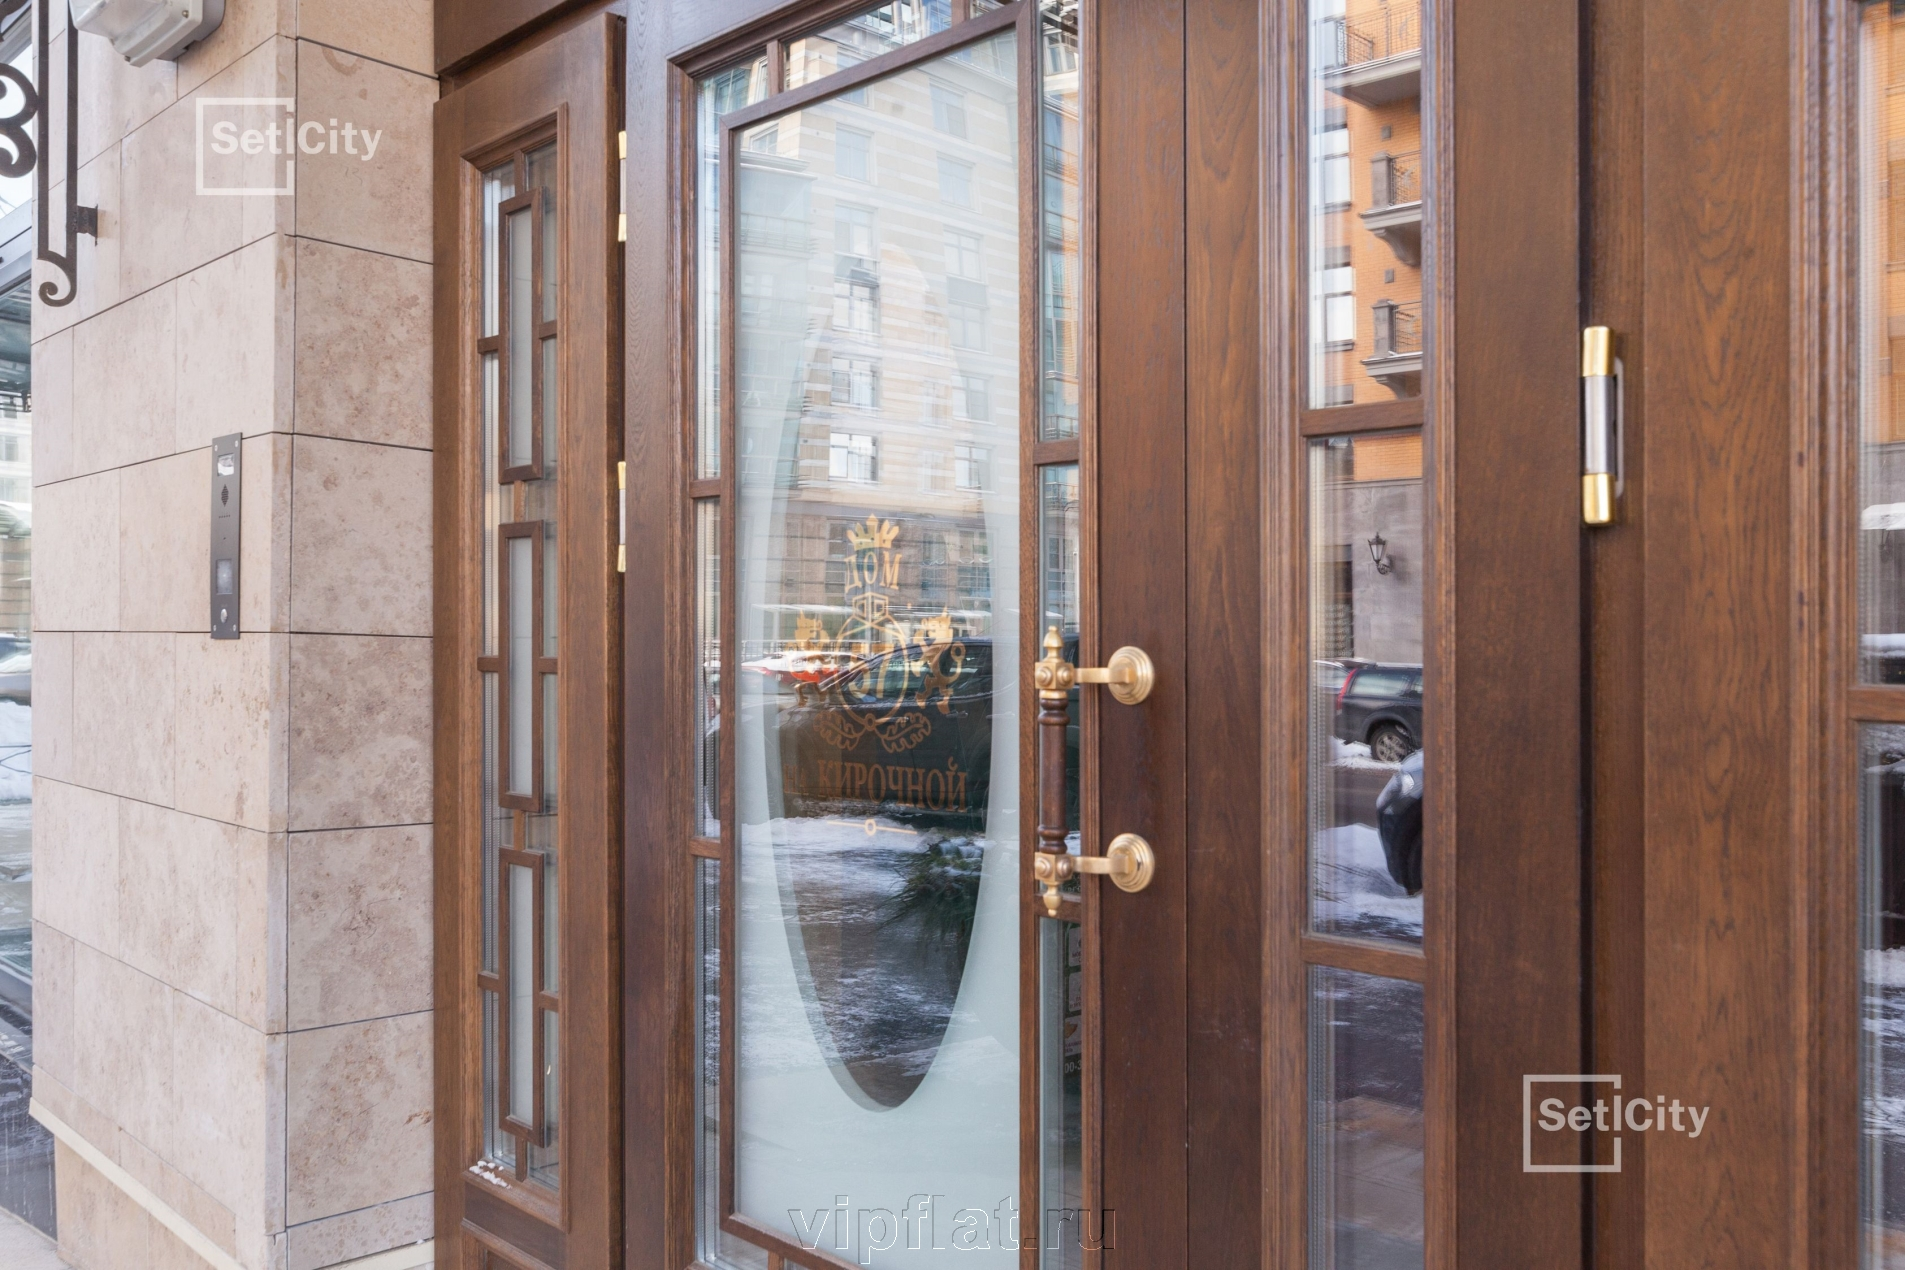 Продажа элитных квартир Санкт-Петербурга. Кирочная улица, 57 Дубовые двери